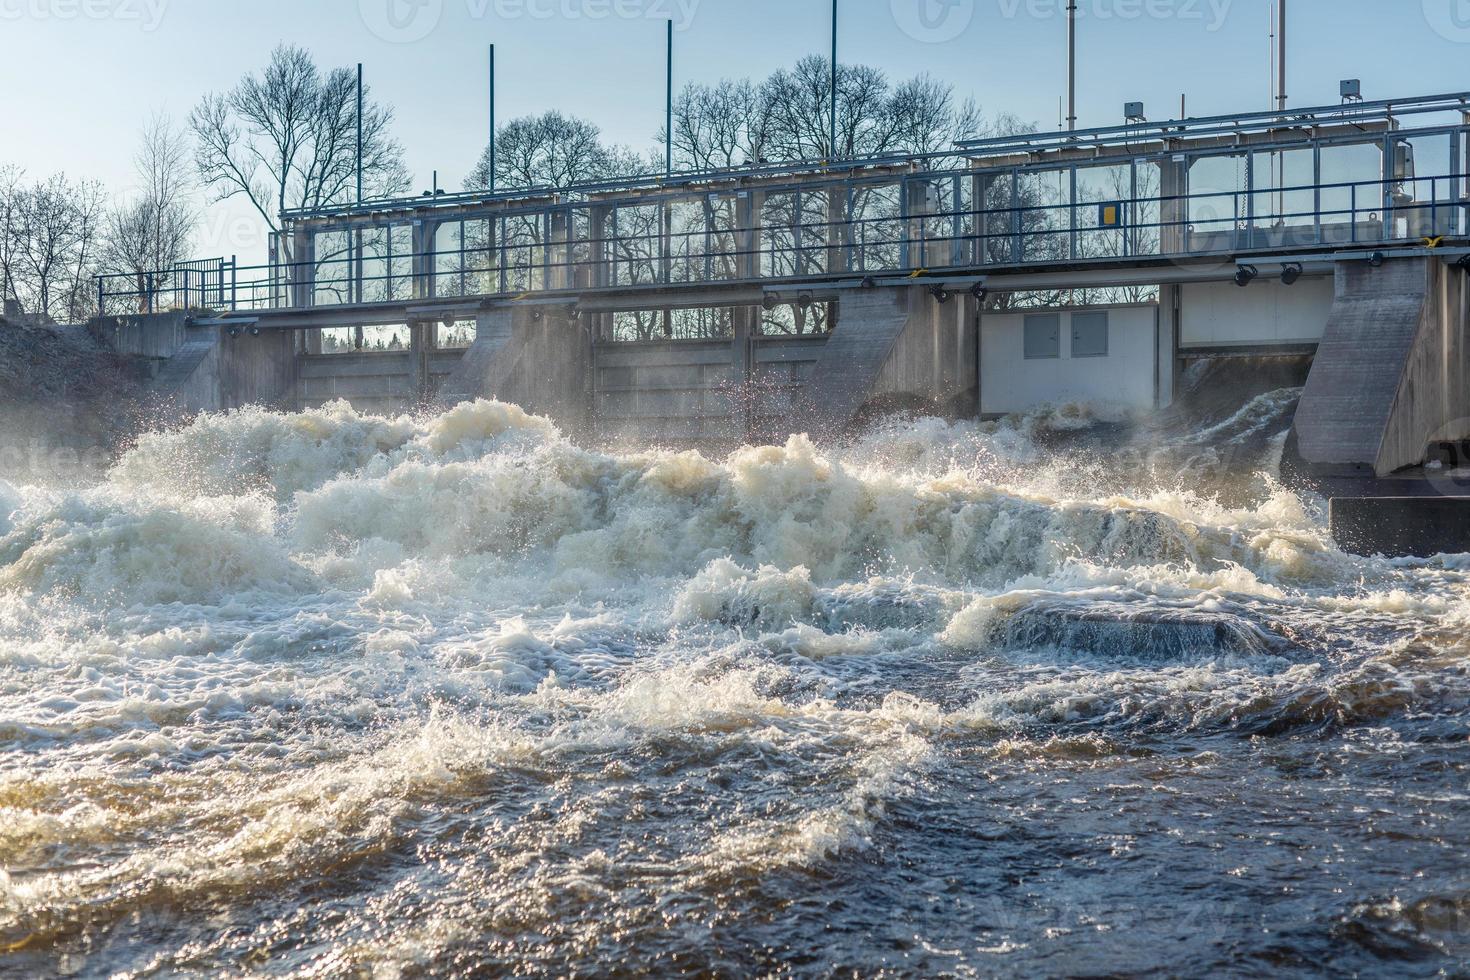 Cascades de waterr rincer à partir d'une porte dans une centrale hydroélectrique photo